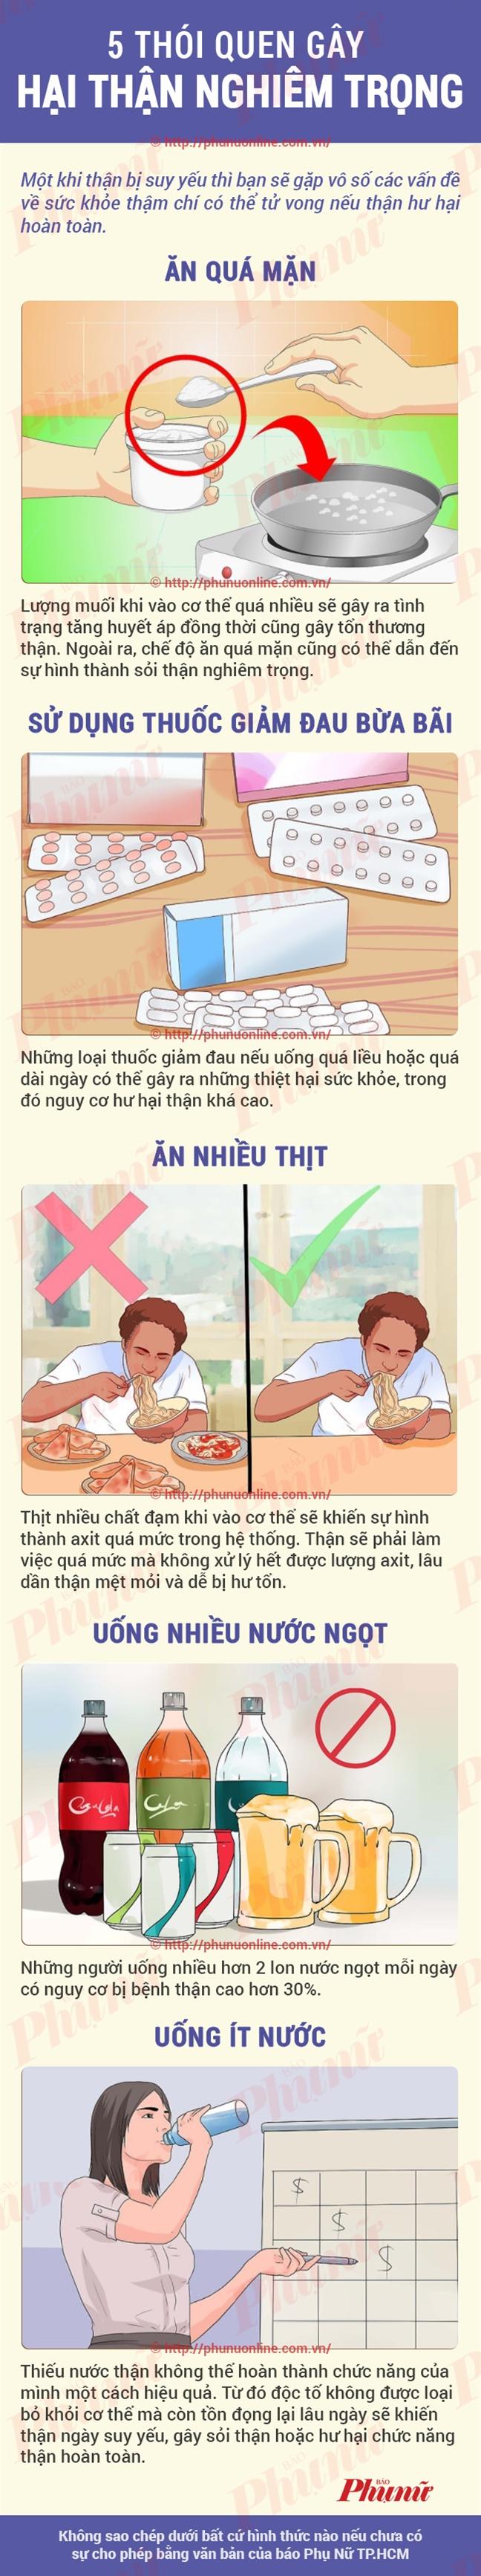 5 thoi quen xau hai than, 90% nguoi Viet hay mac phai